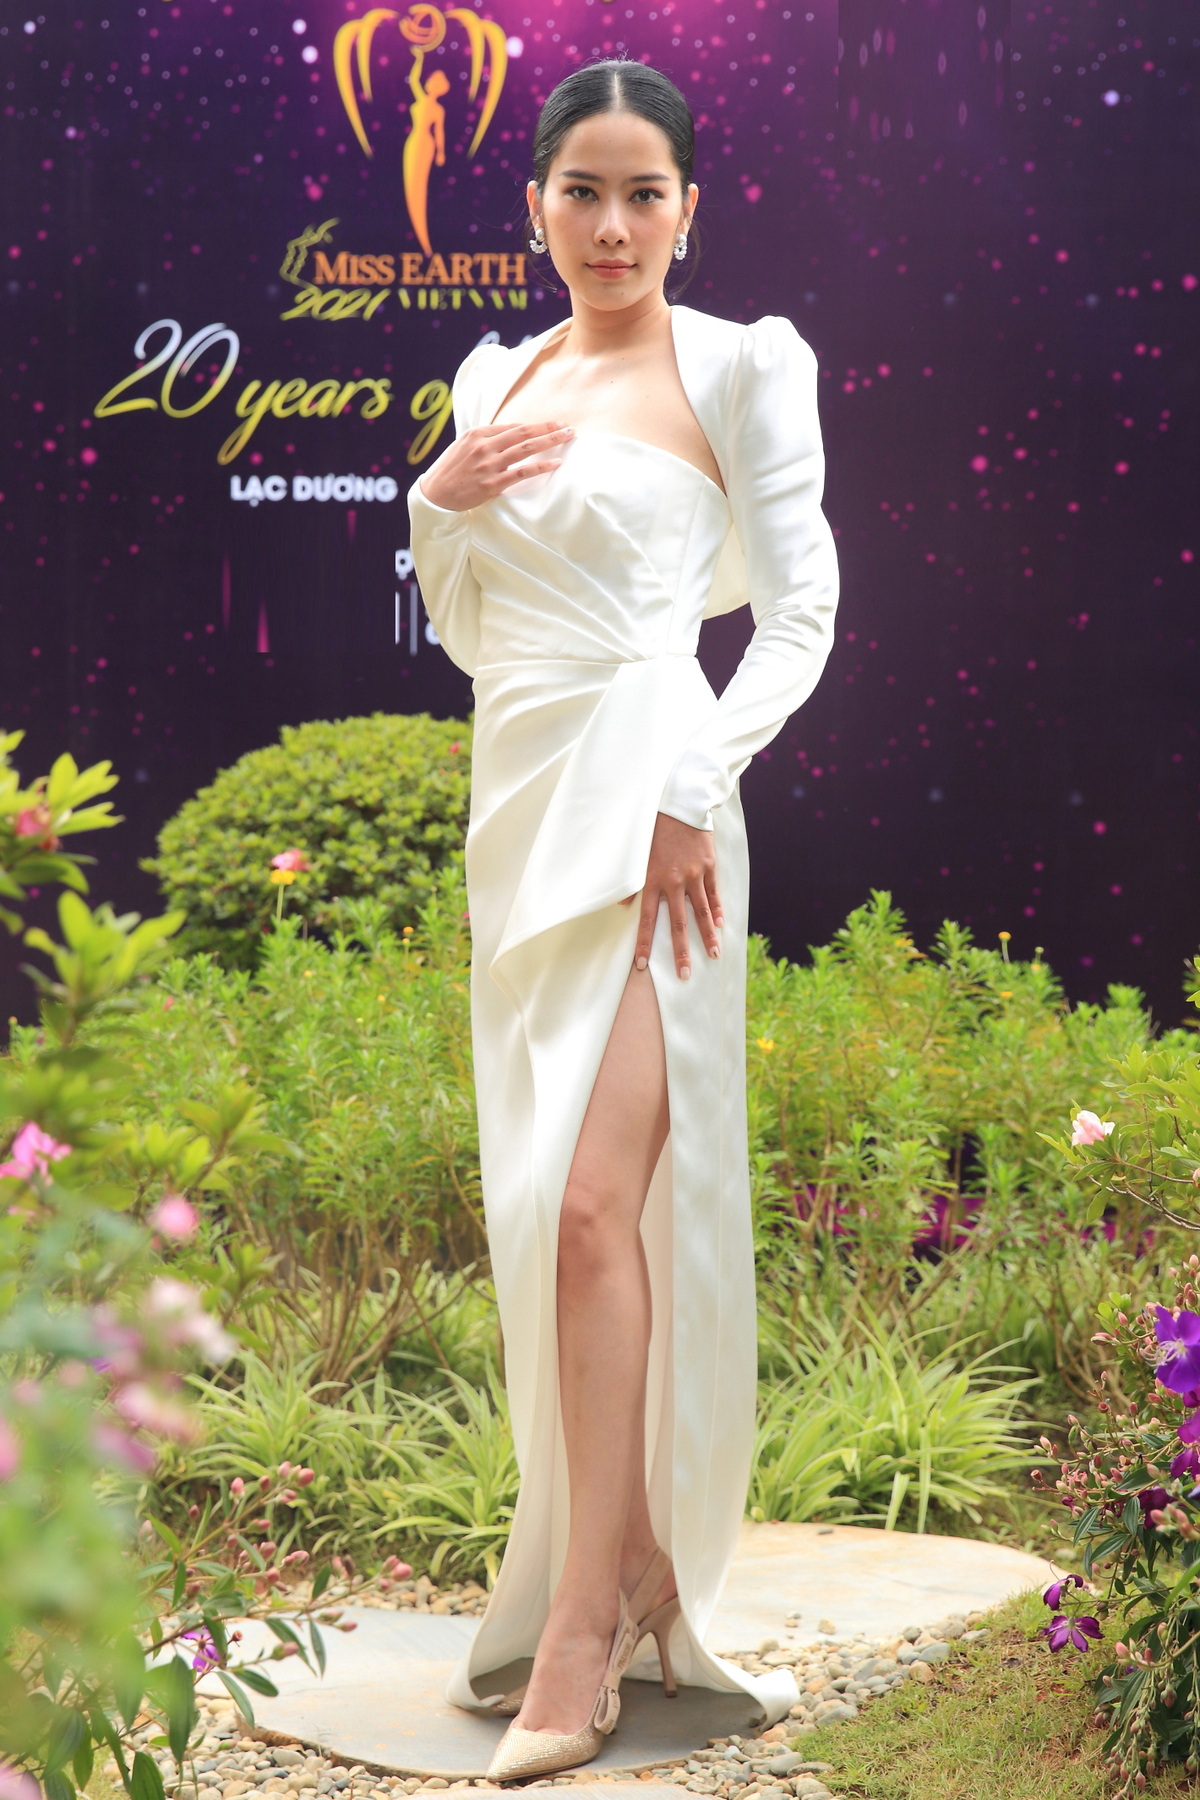 Á hậu Hoàng My, Ngọc Trân đẹp tựa đóa quỳnh nở muộn - ảnh 16